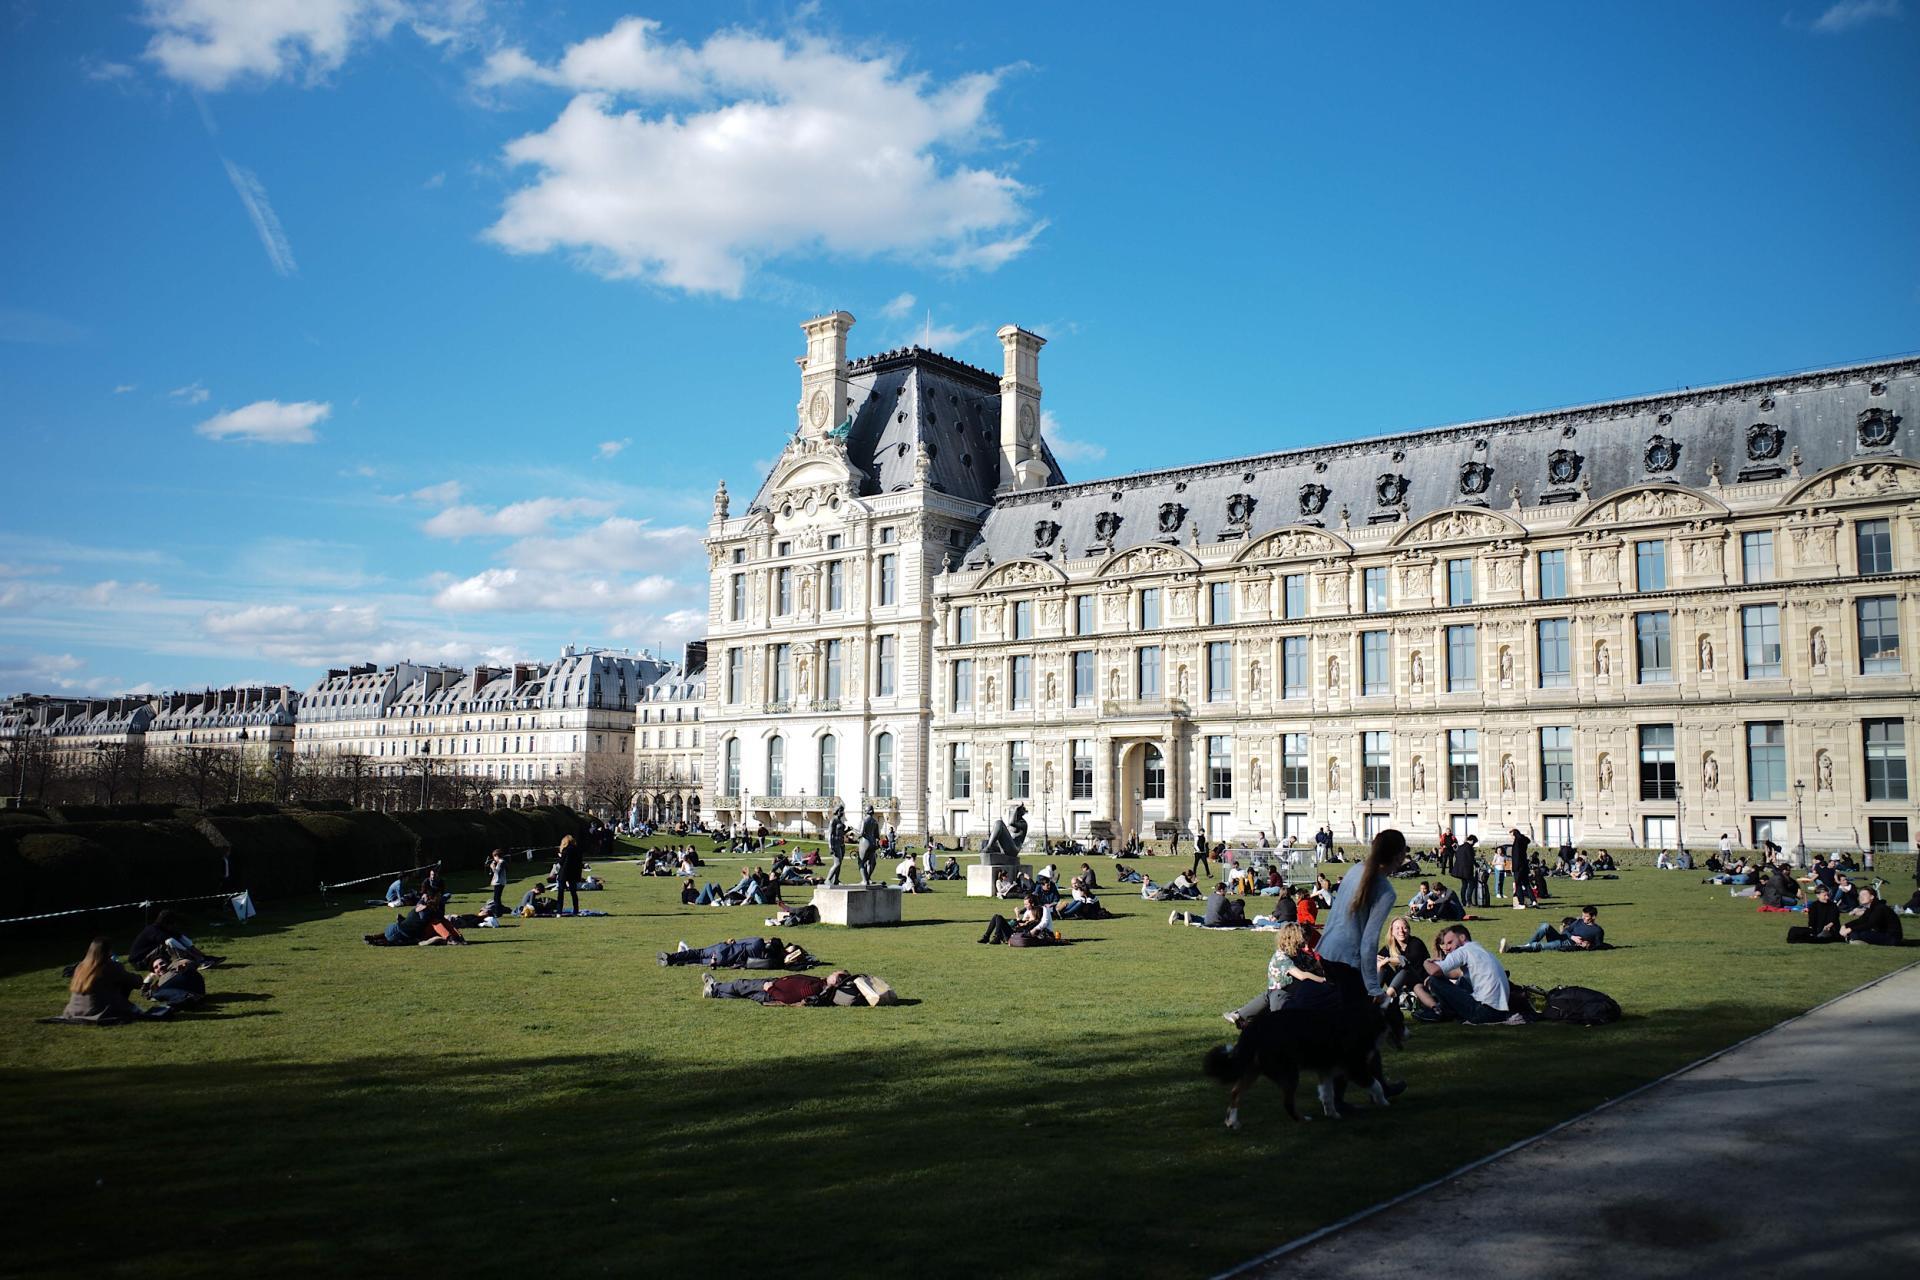 Le 15 mars 2020, les pelouses des Tuileries à Paris étaient pleines.